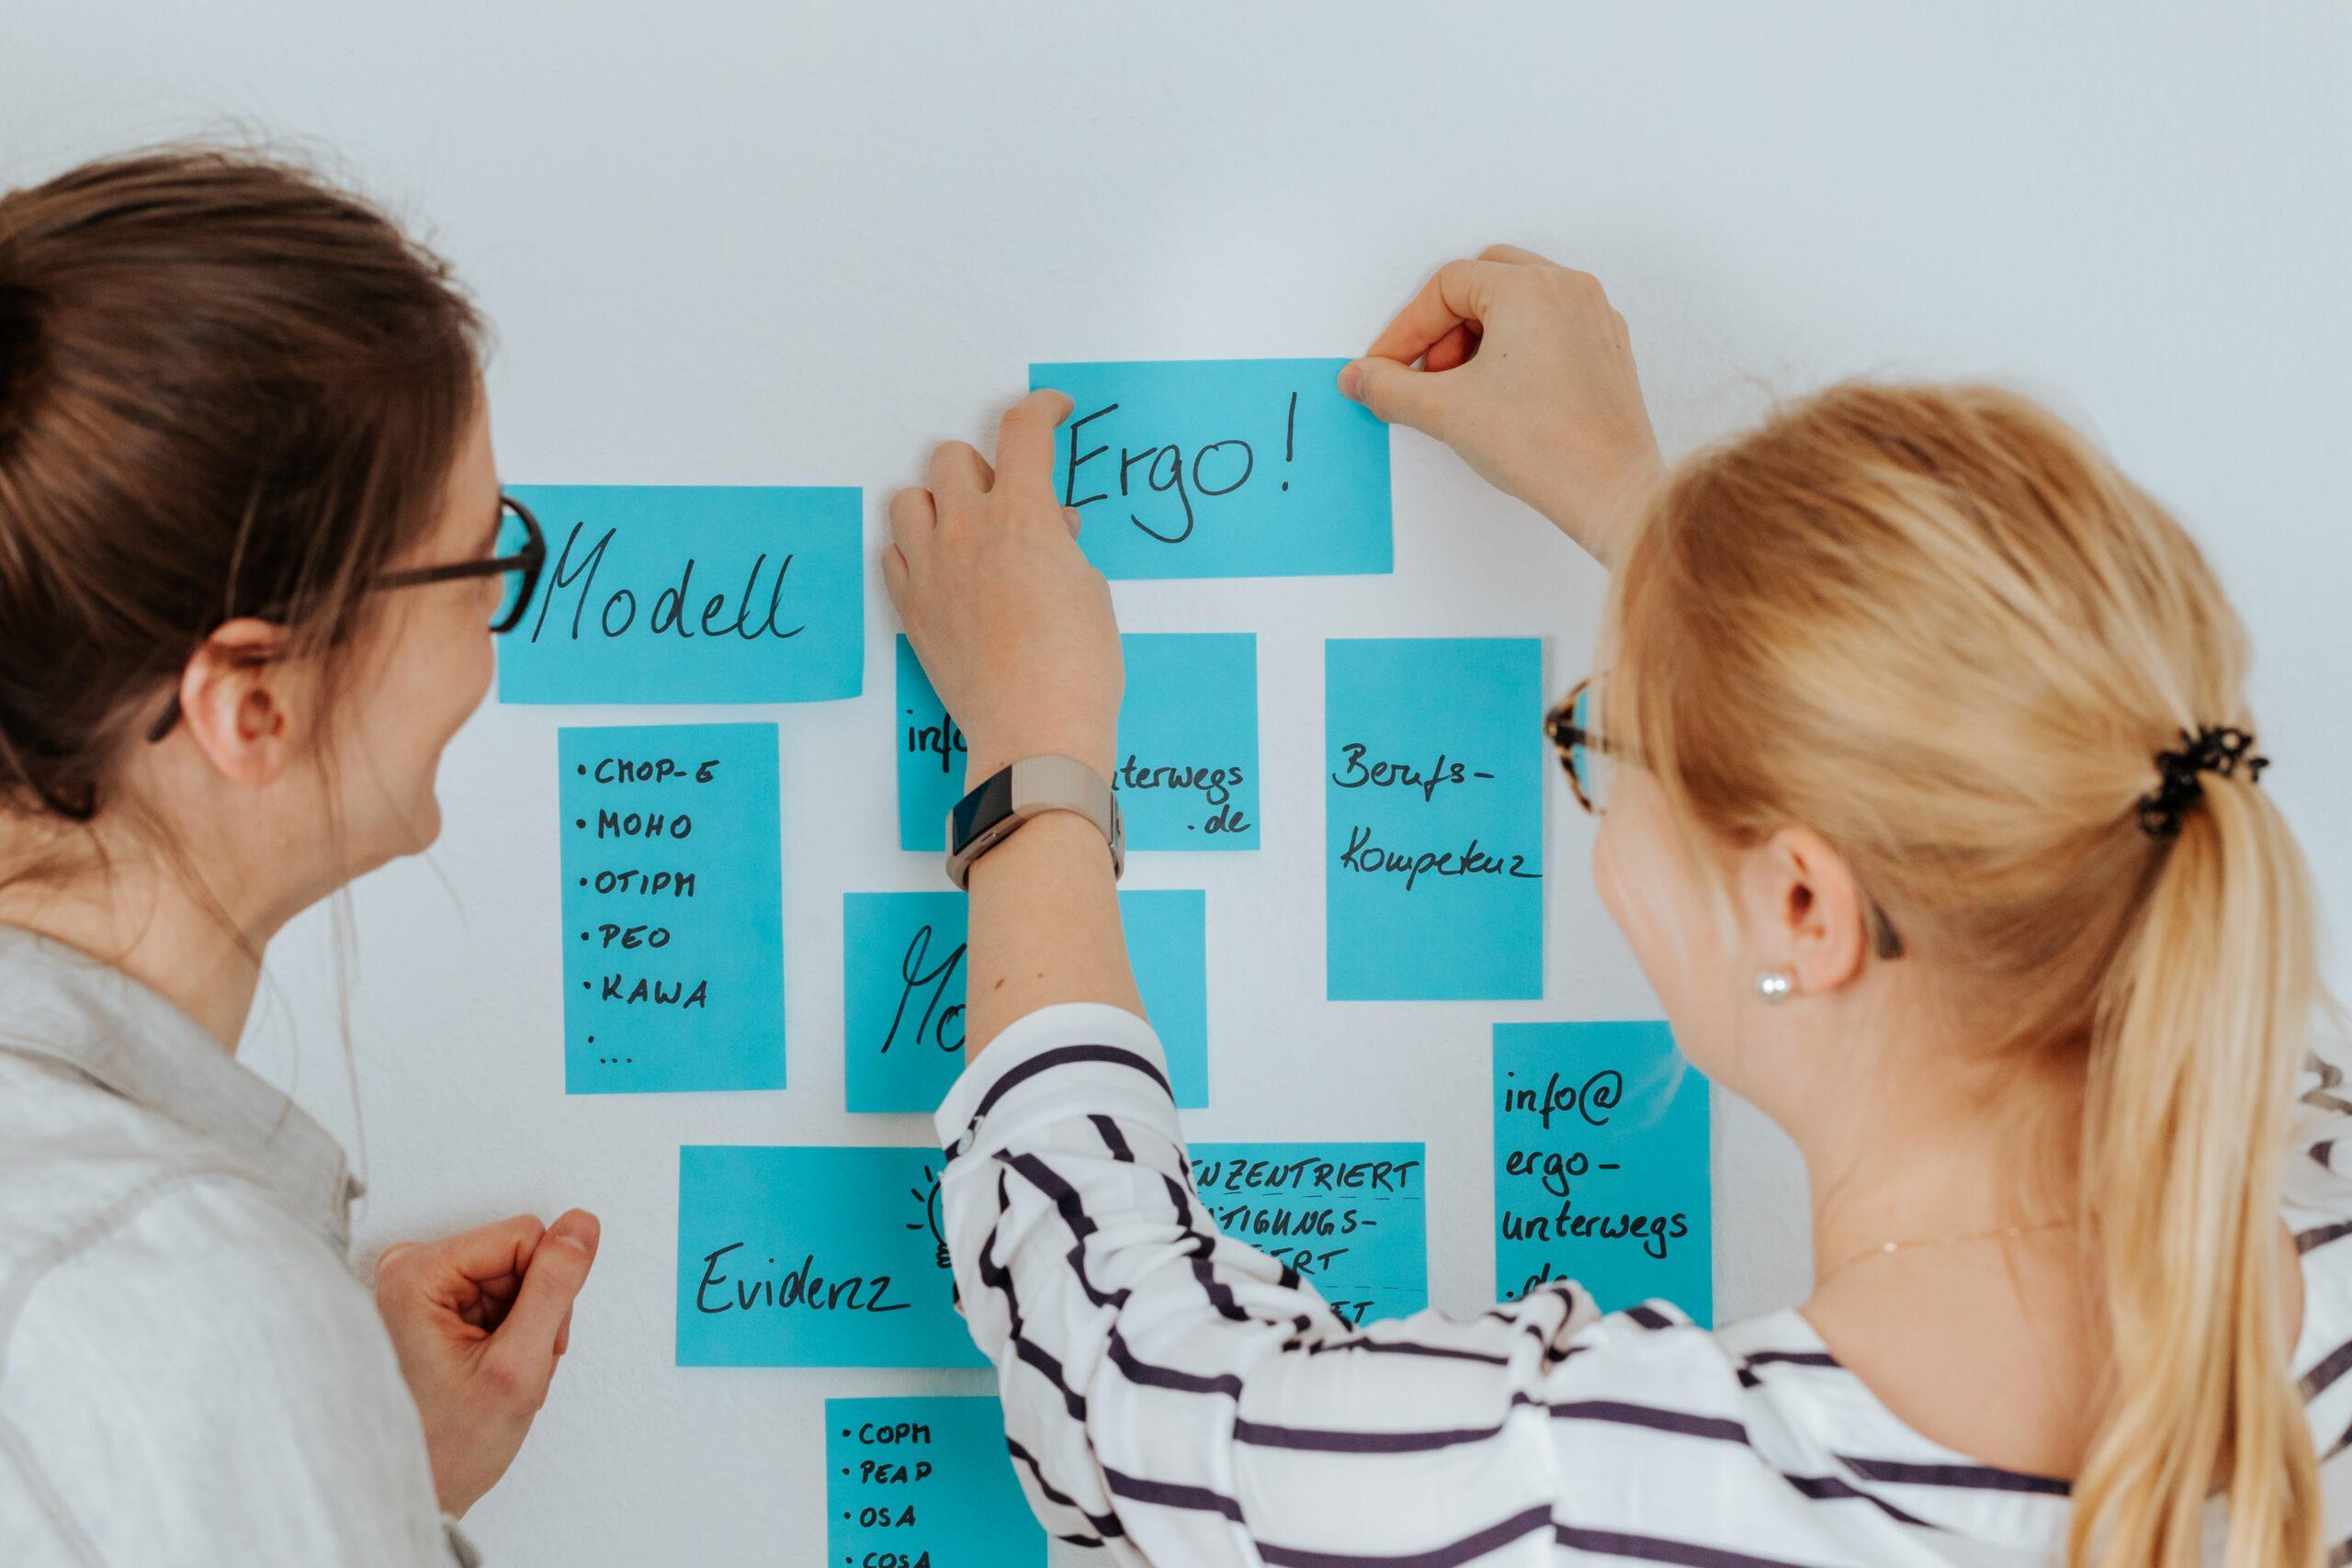 Sarah und Sara kleben Postits an eine Wand. Auf den Postits steht Ergo, Modell, Betätigungsorientierung, Ergotherapie usw.